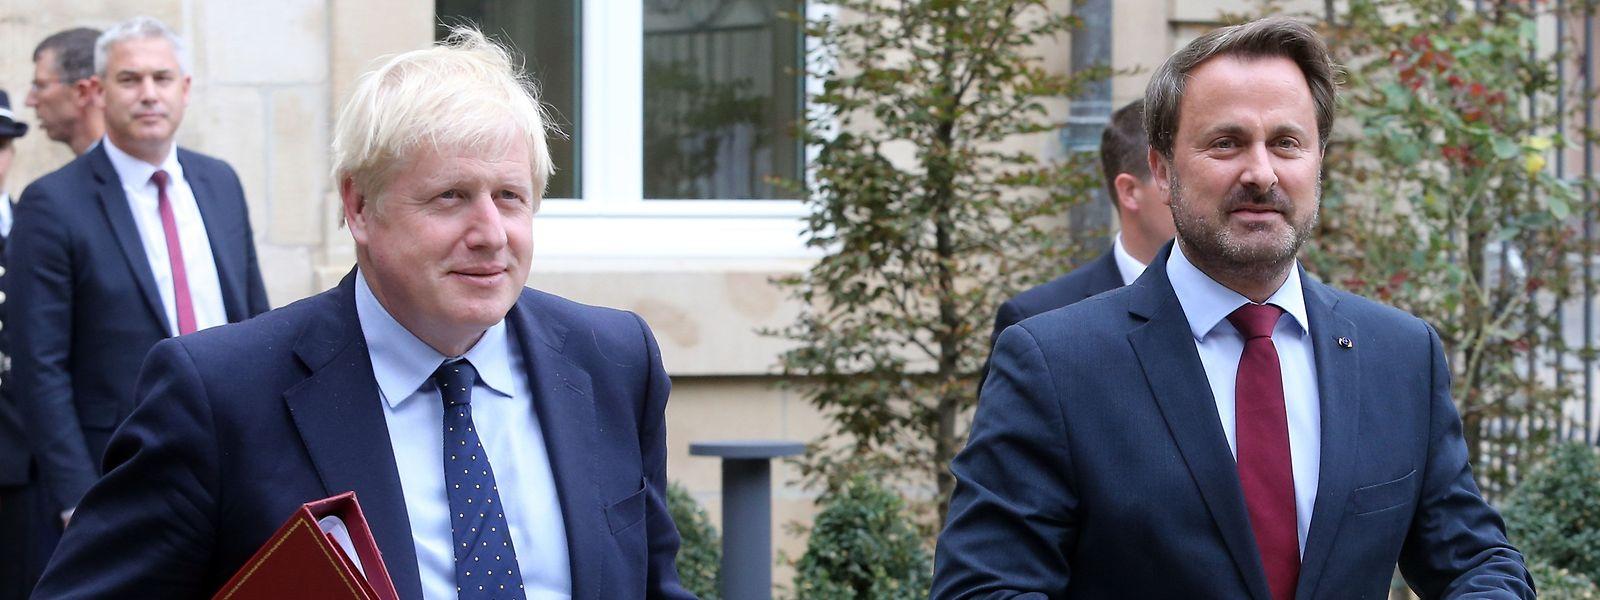 Boris Johnson et Xavier Bettel. A l'issue de leur entretien. Seul le Premier ministre luxembourgeois se présentera en conférence de presse.